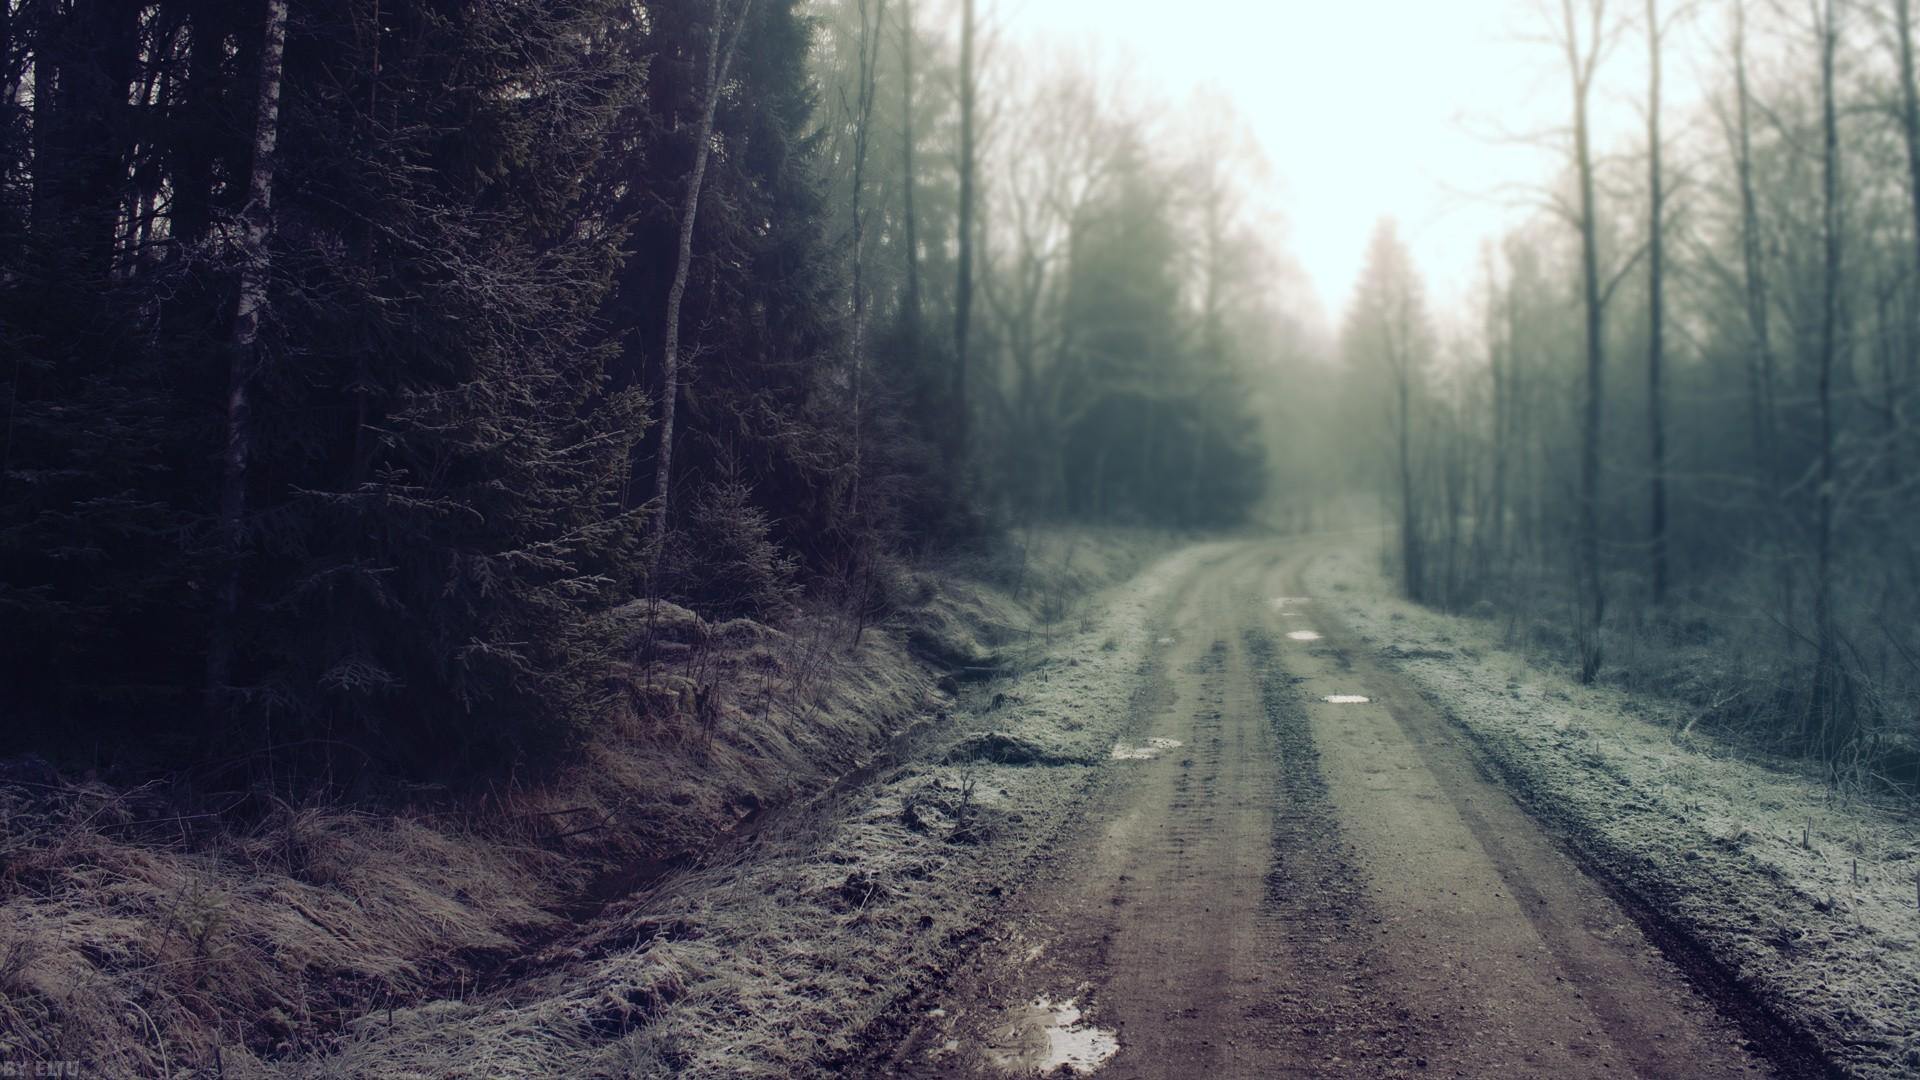 мрачная дорога  № 2508270 бесплатно